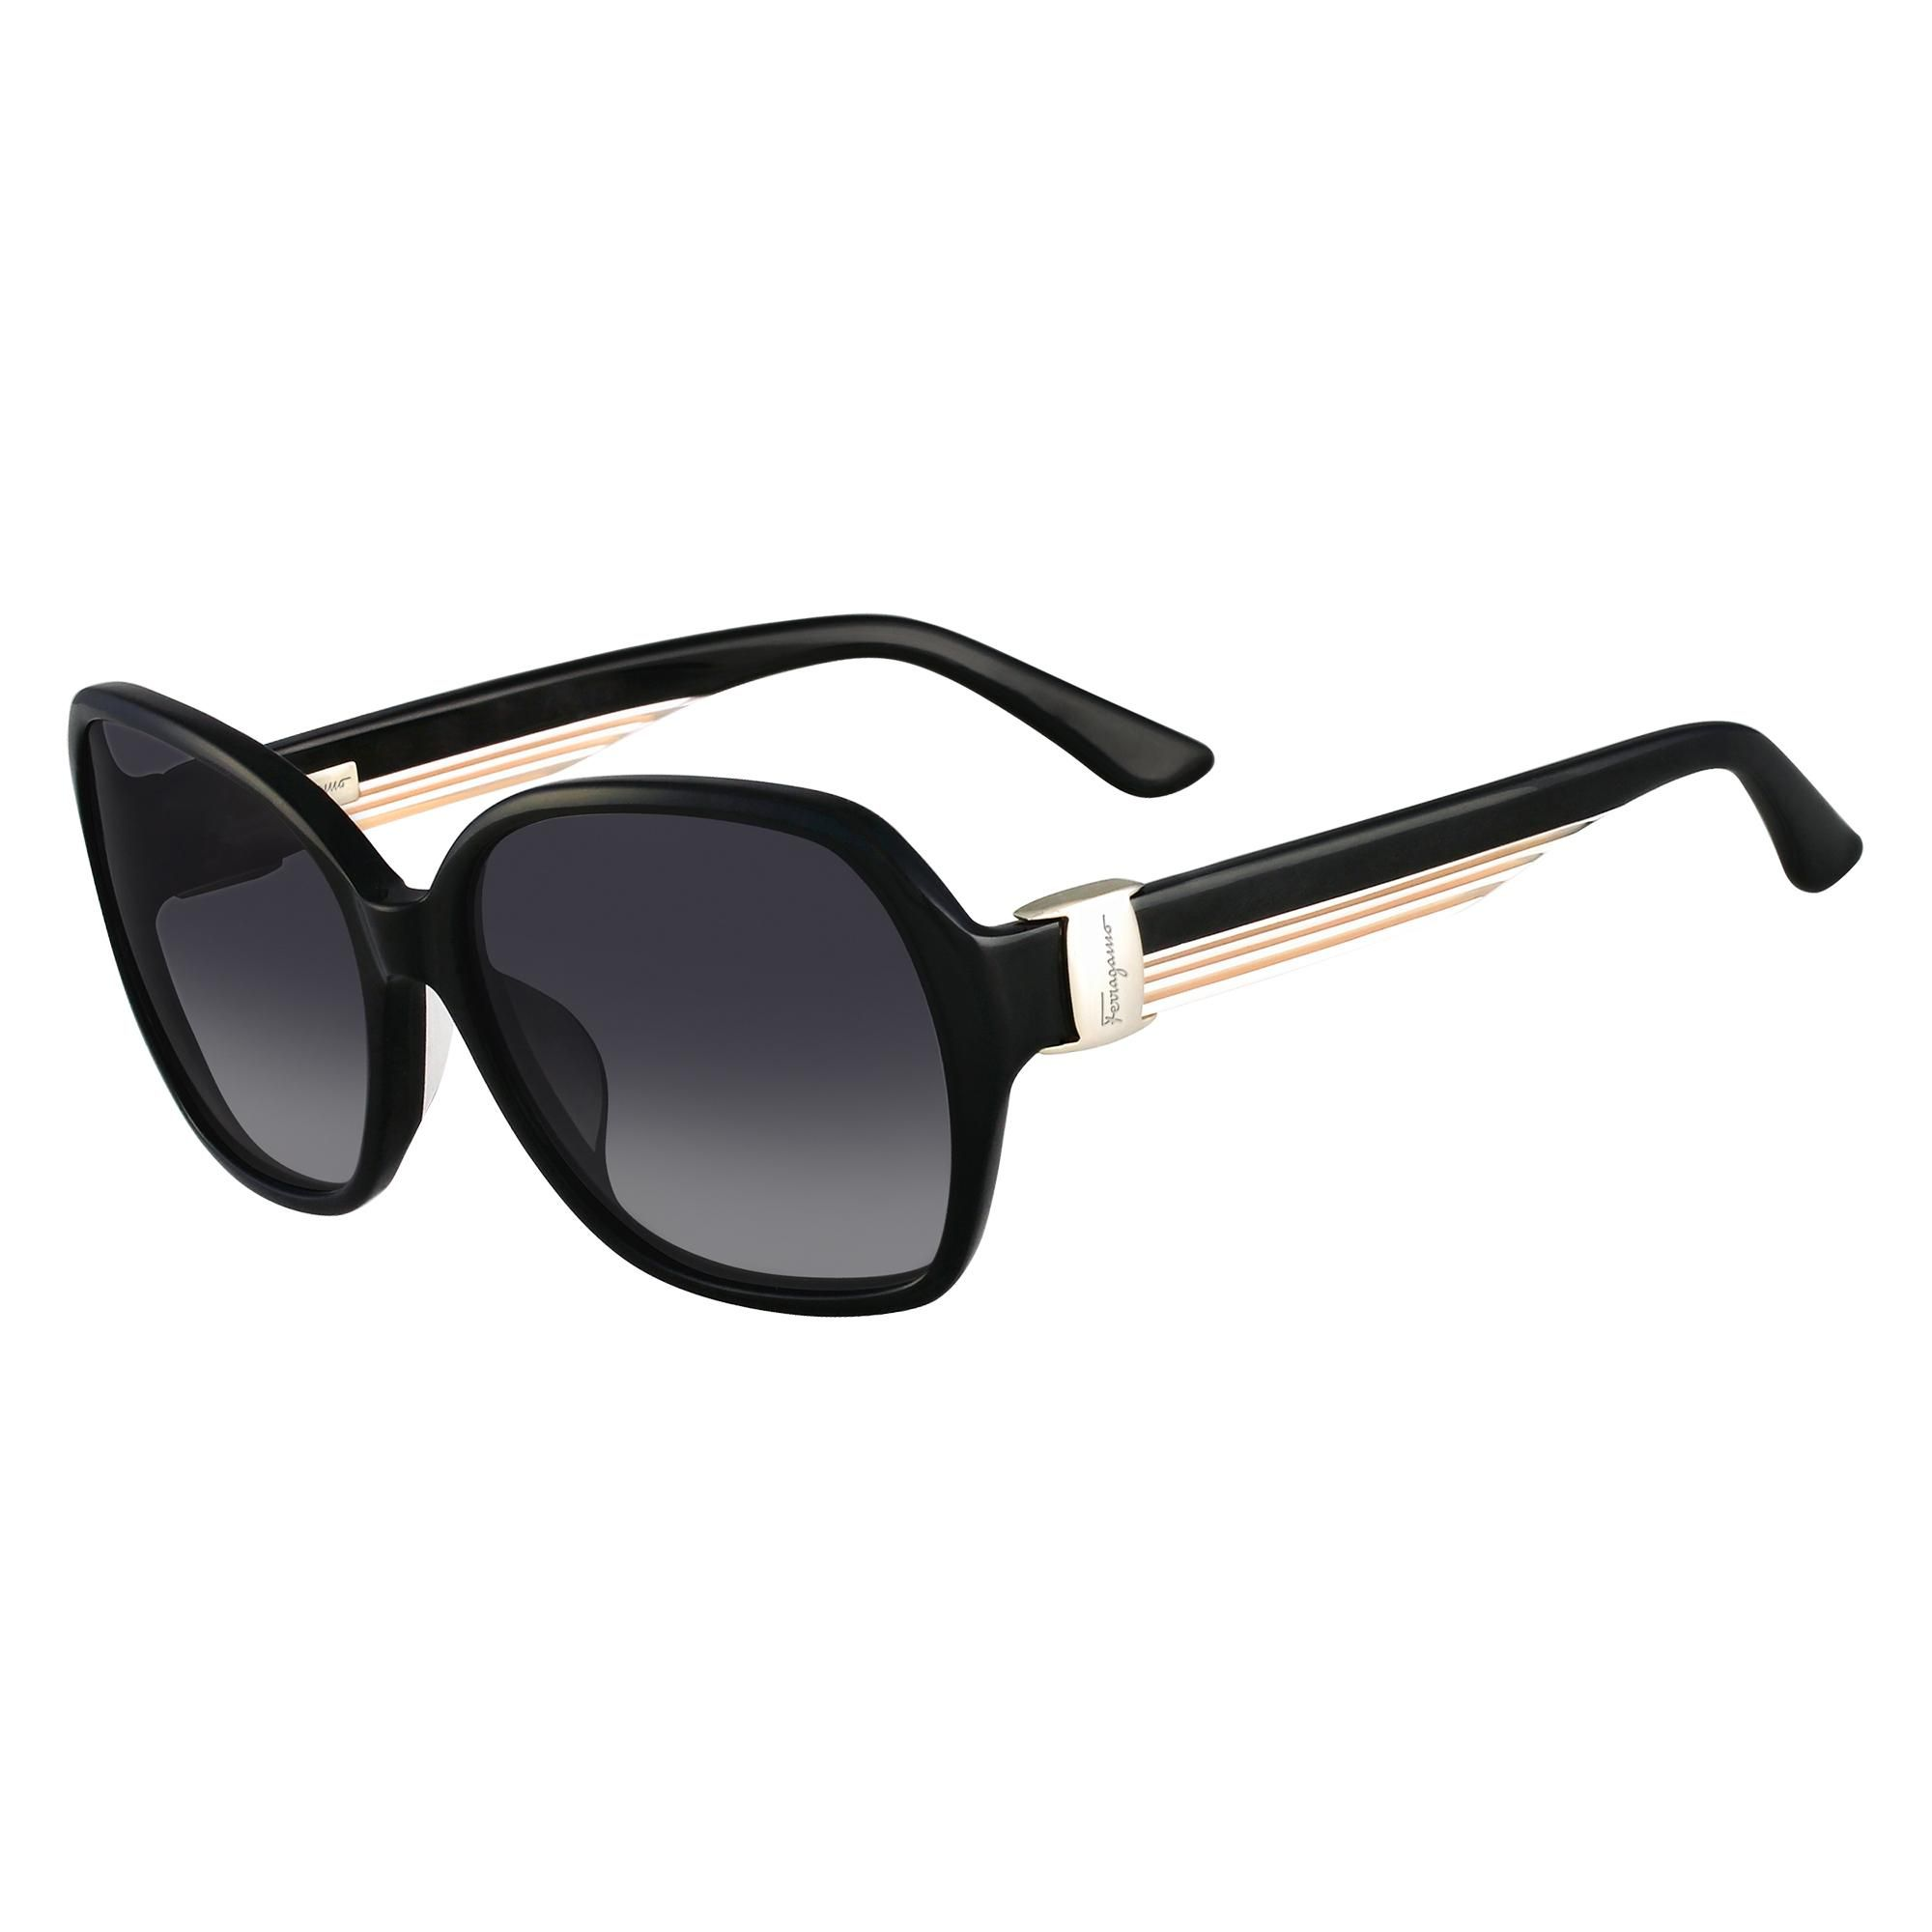 946818d5cd Salvatore Ferragamo Sunglasses - SF650S 001 57-16